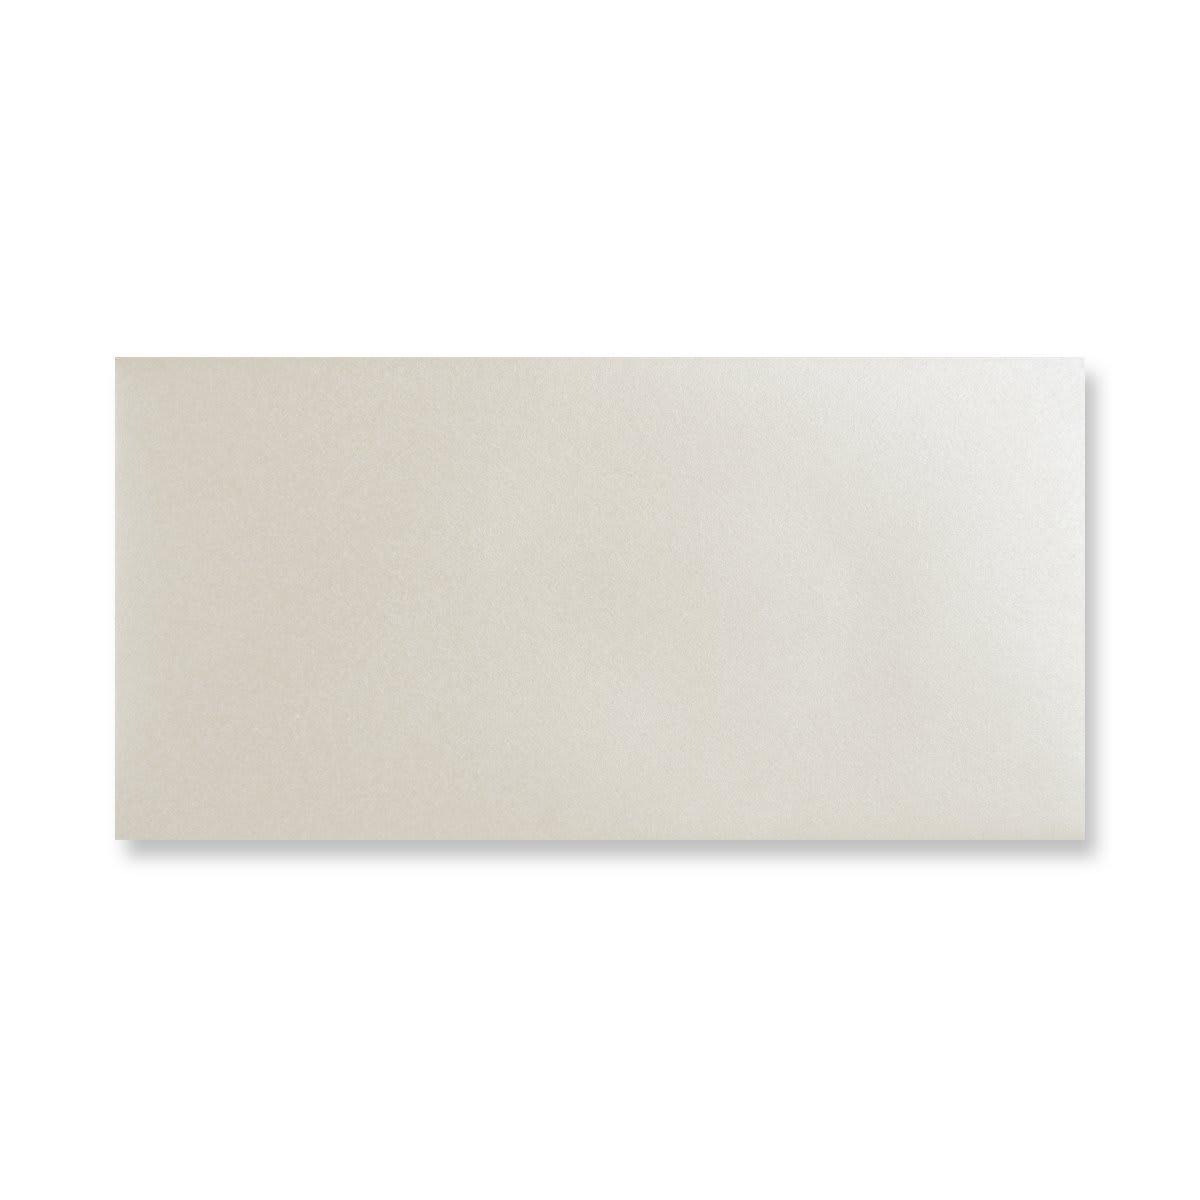 DL PEARL OYSTER WHITE ENVELOPES